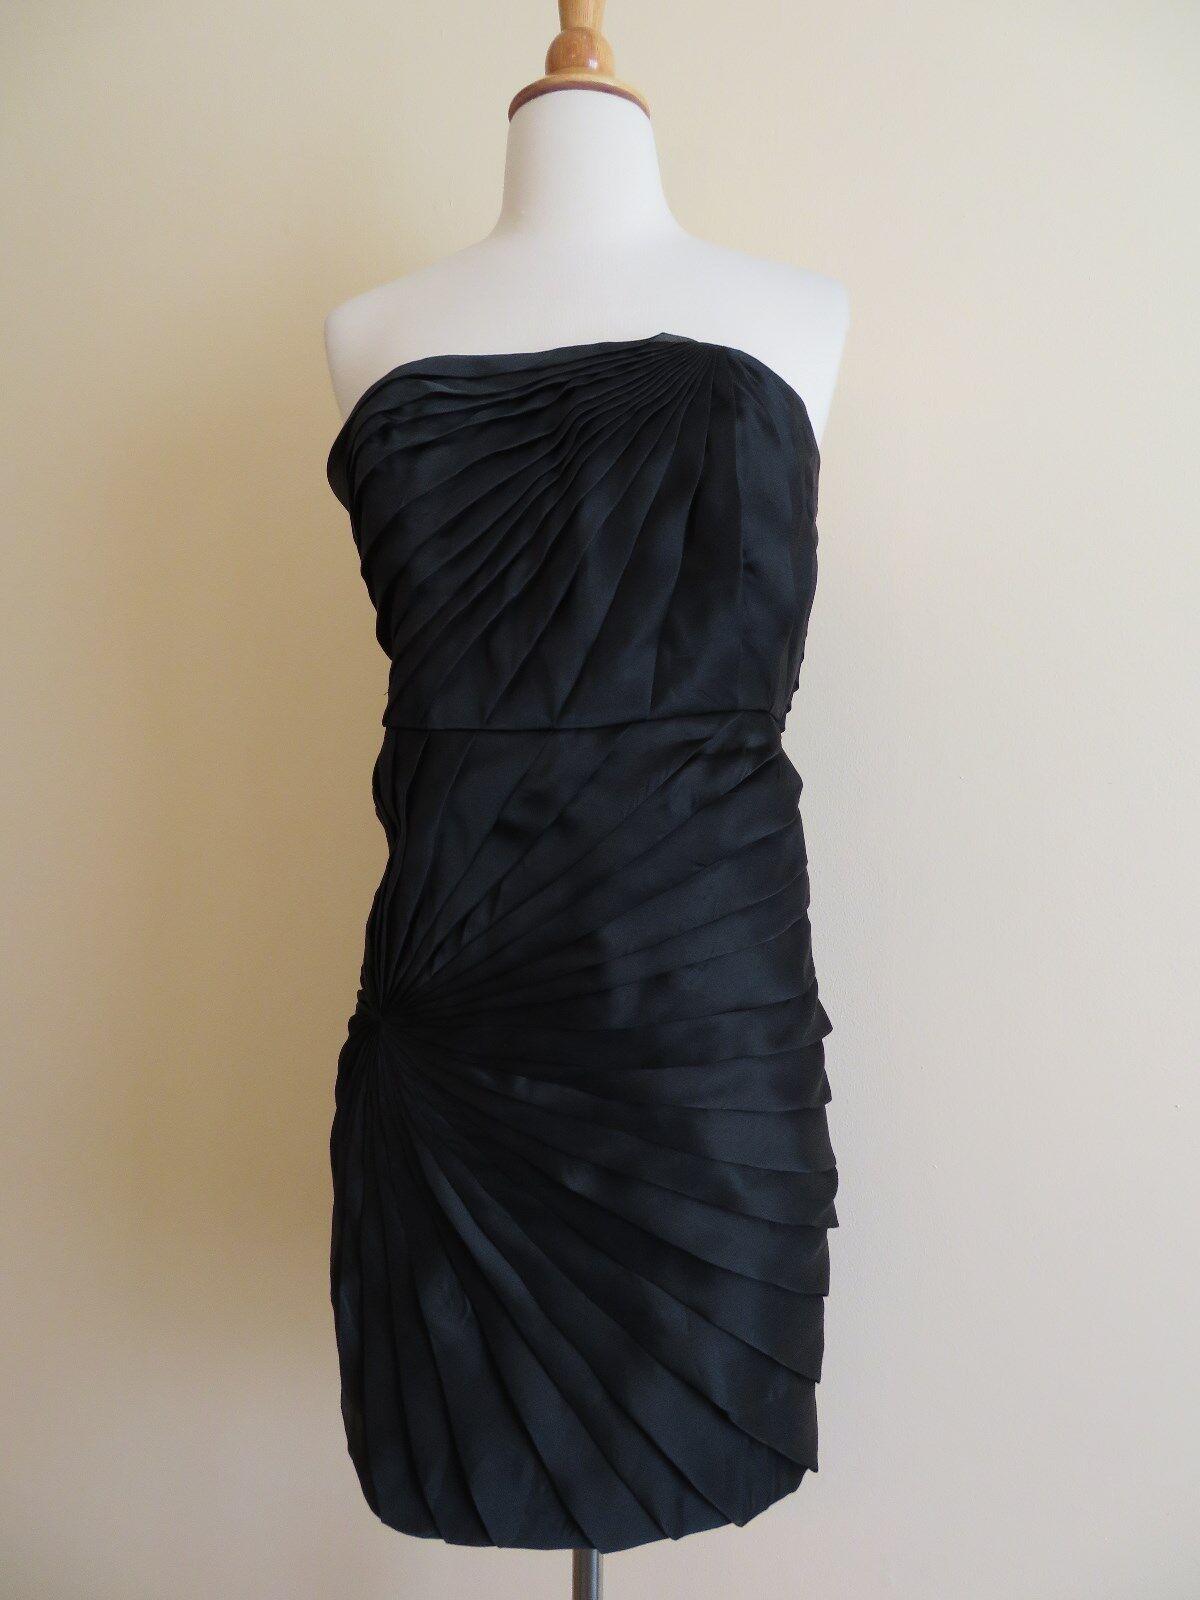 Nuevo con etiquetas J. CREW Petite  Estrellaburst Vestido Seda Organza, en 34498, Talla 10,  275 Negro  Todo en alta calidad y bajo precio.